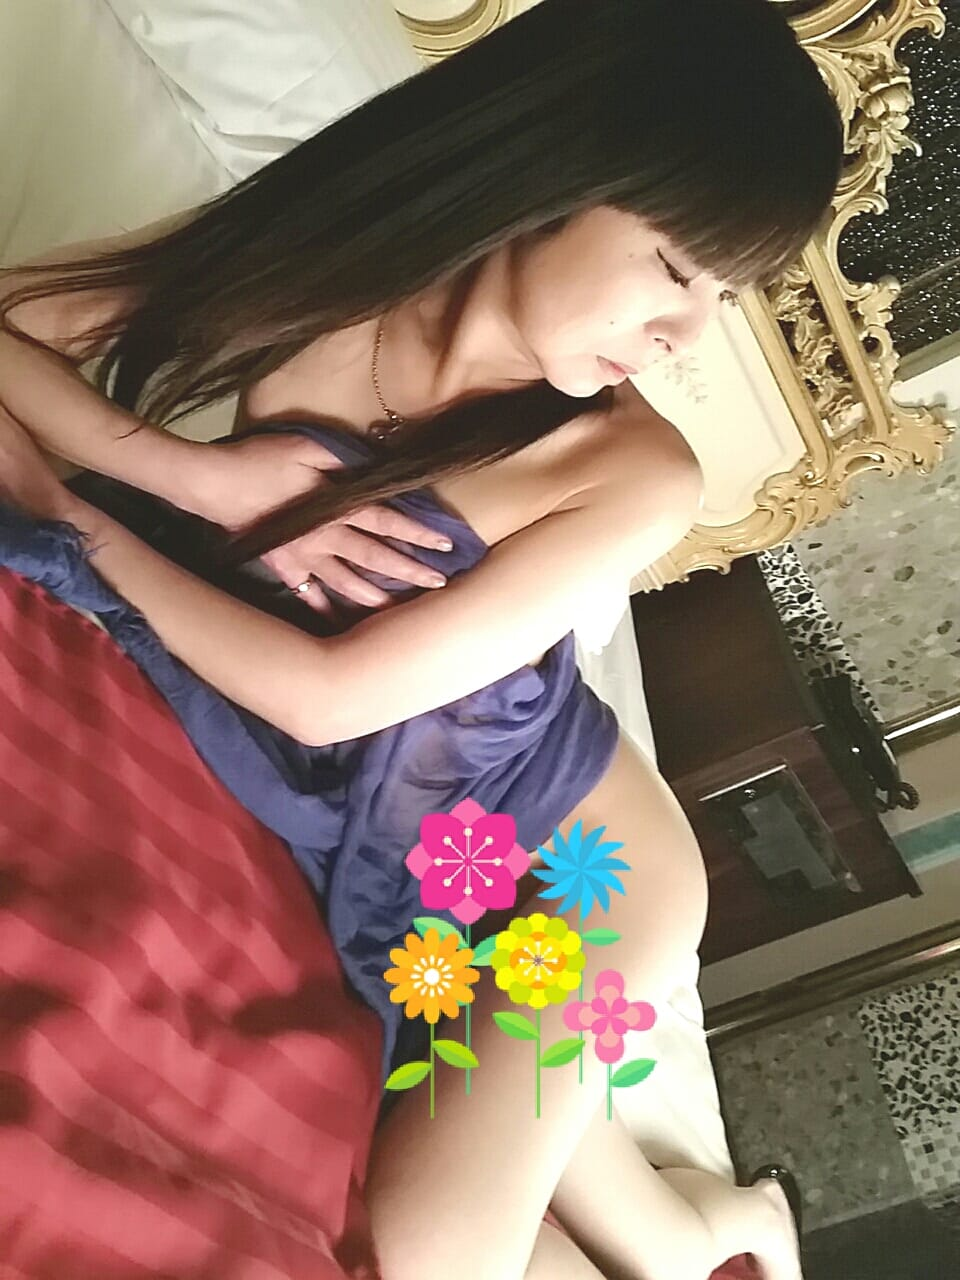 かおり「木曜から出勤です(^^)」01/16(火) 15:22   かおりの写メ・風俗動画